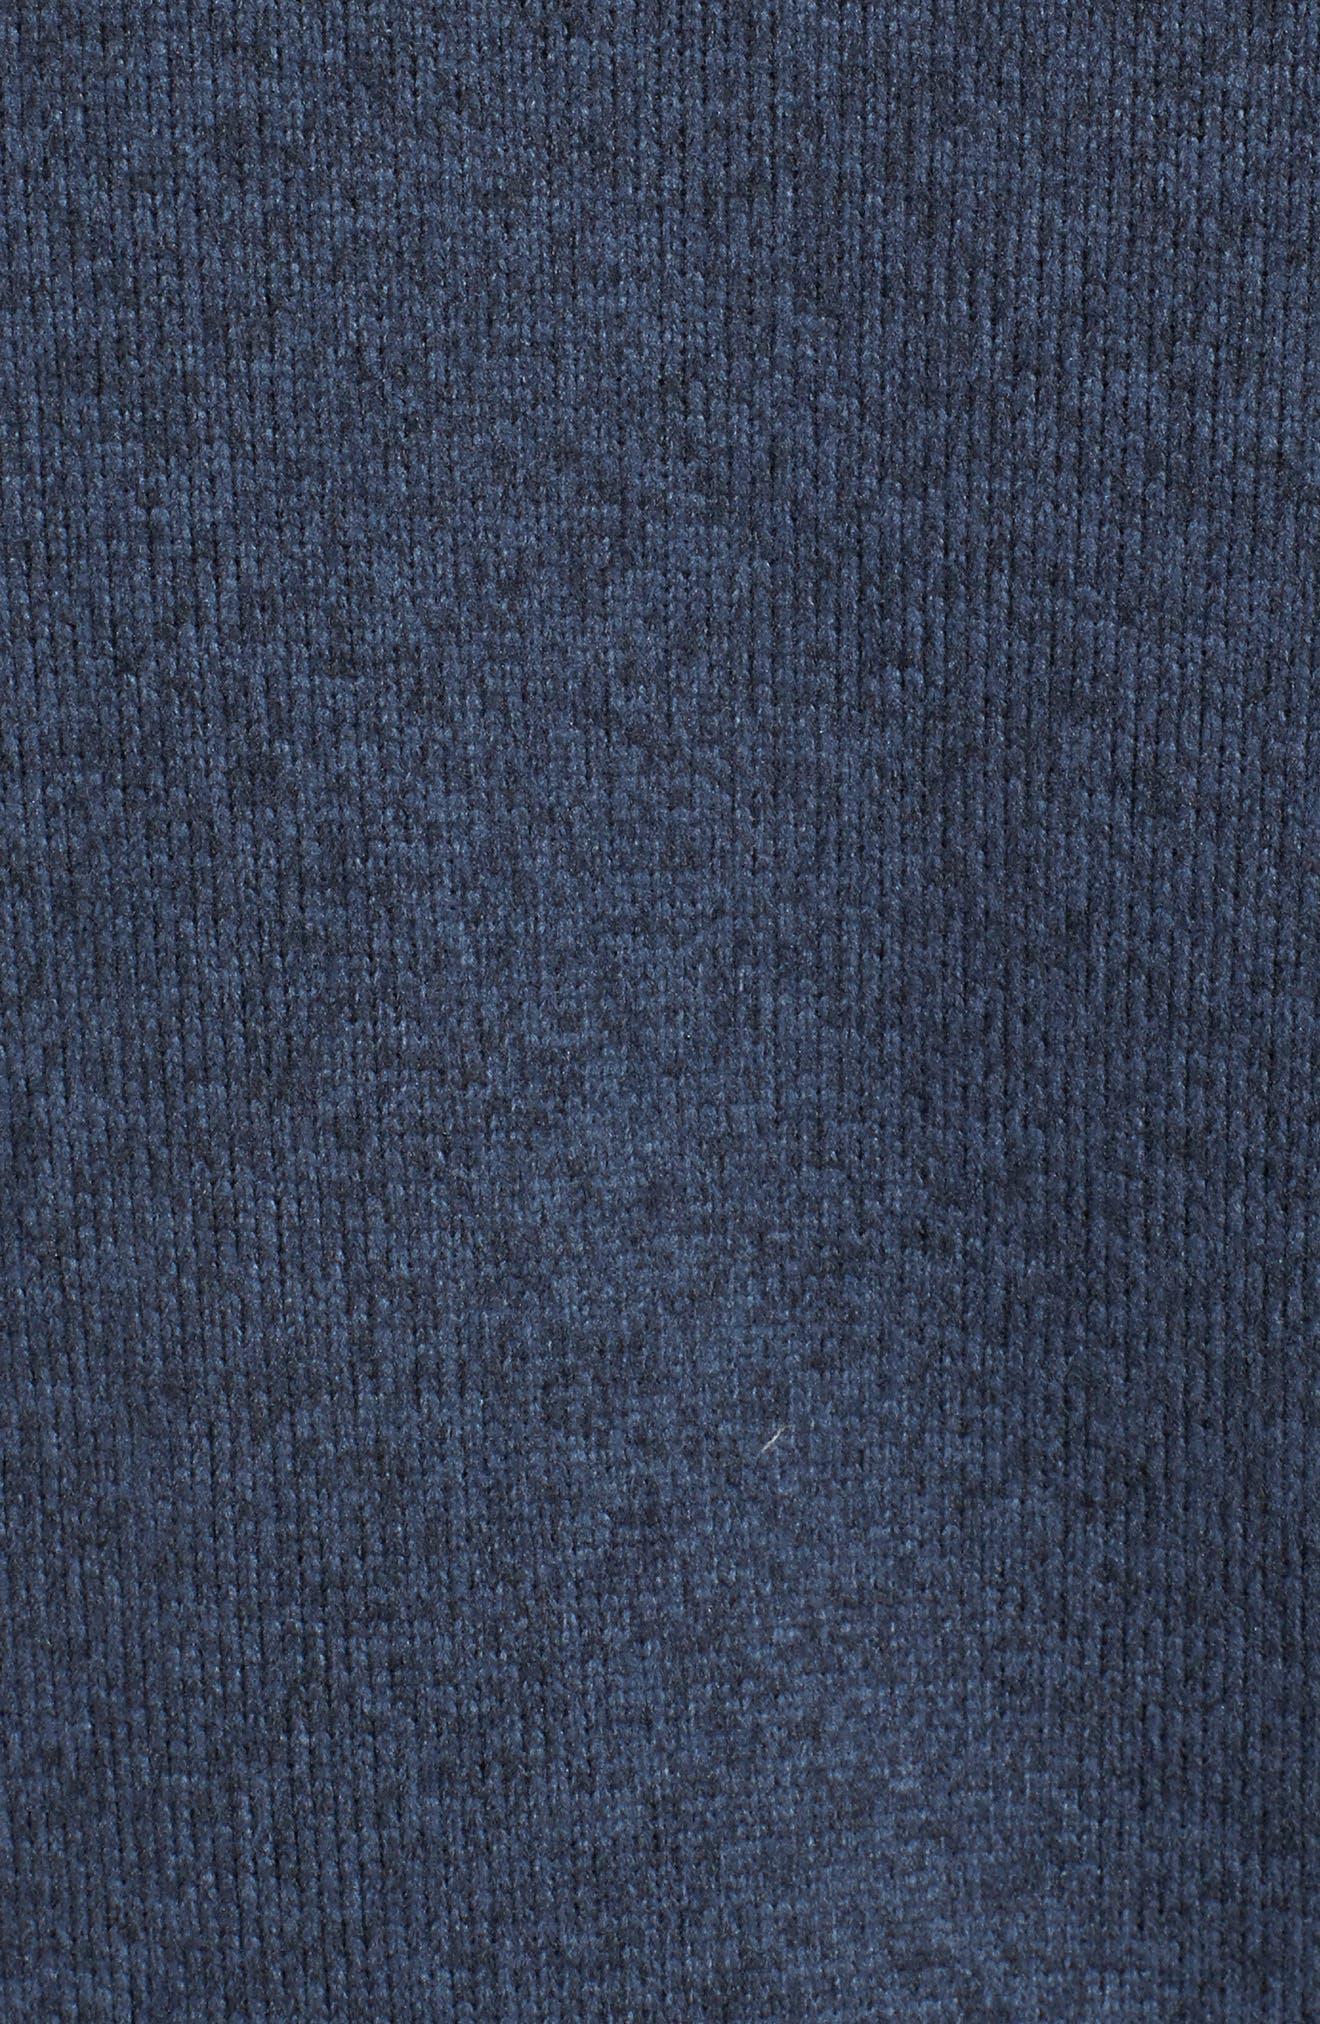 Gordon Lyons Quarter-Zip Fleece Jacket,                             Alternate thumbnail 6, color,                             URBAN NAVY HEATHER